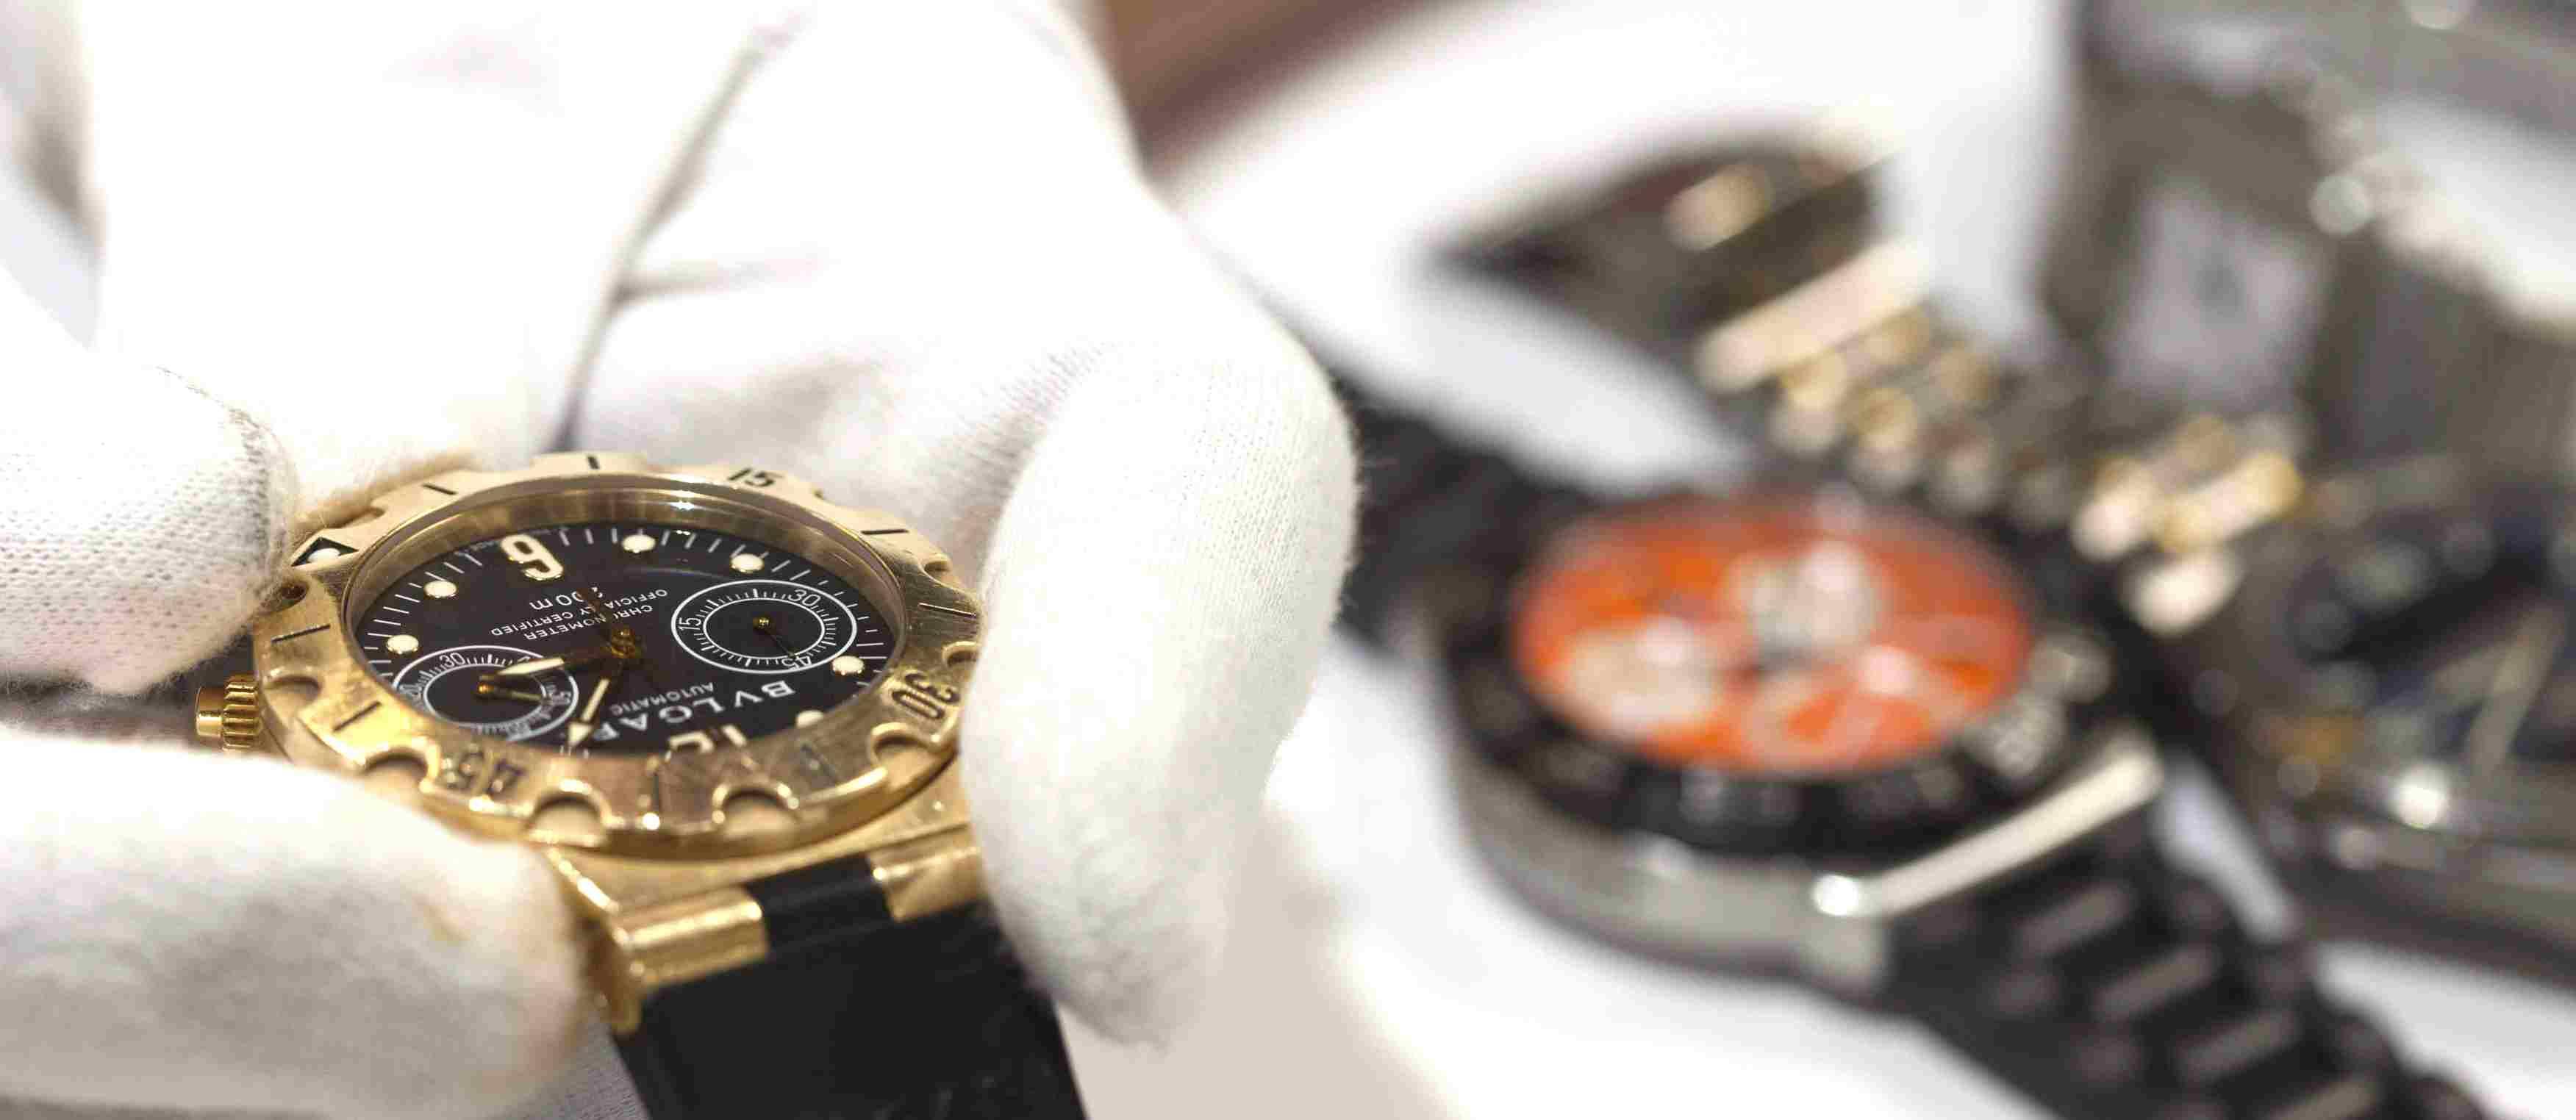 vender-reloj